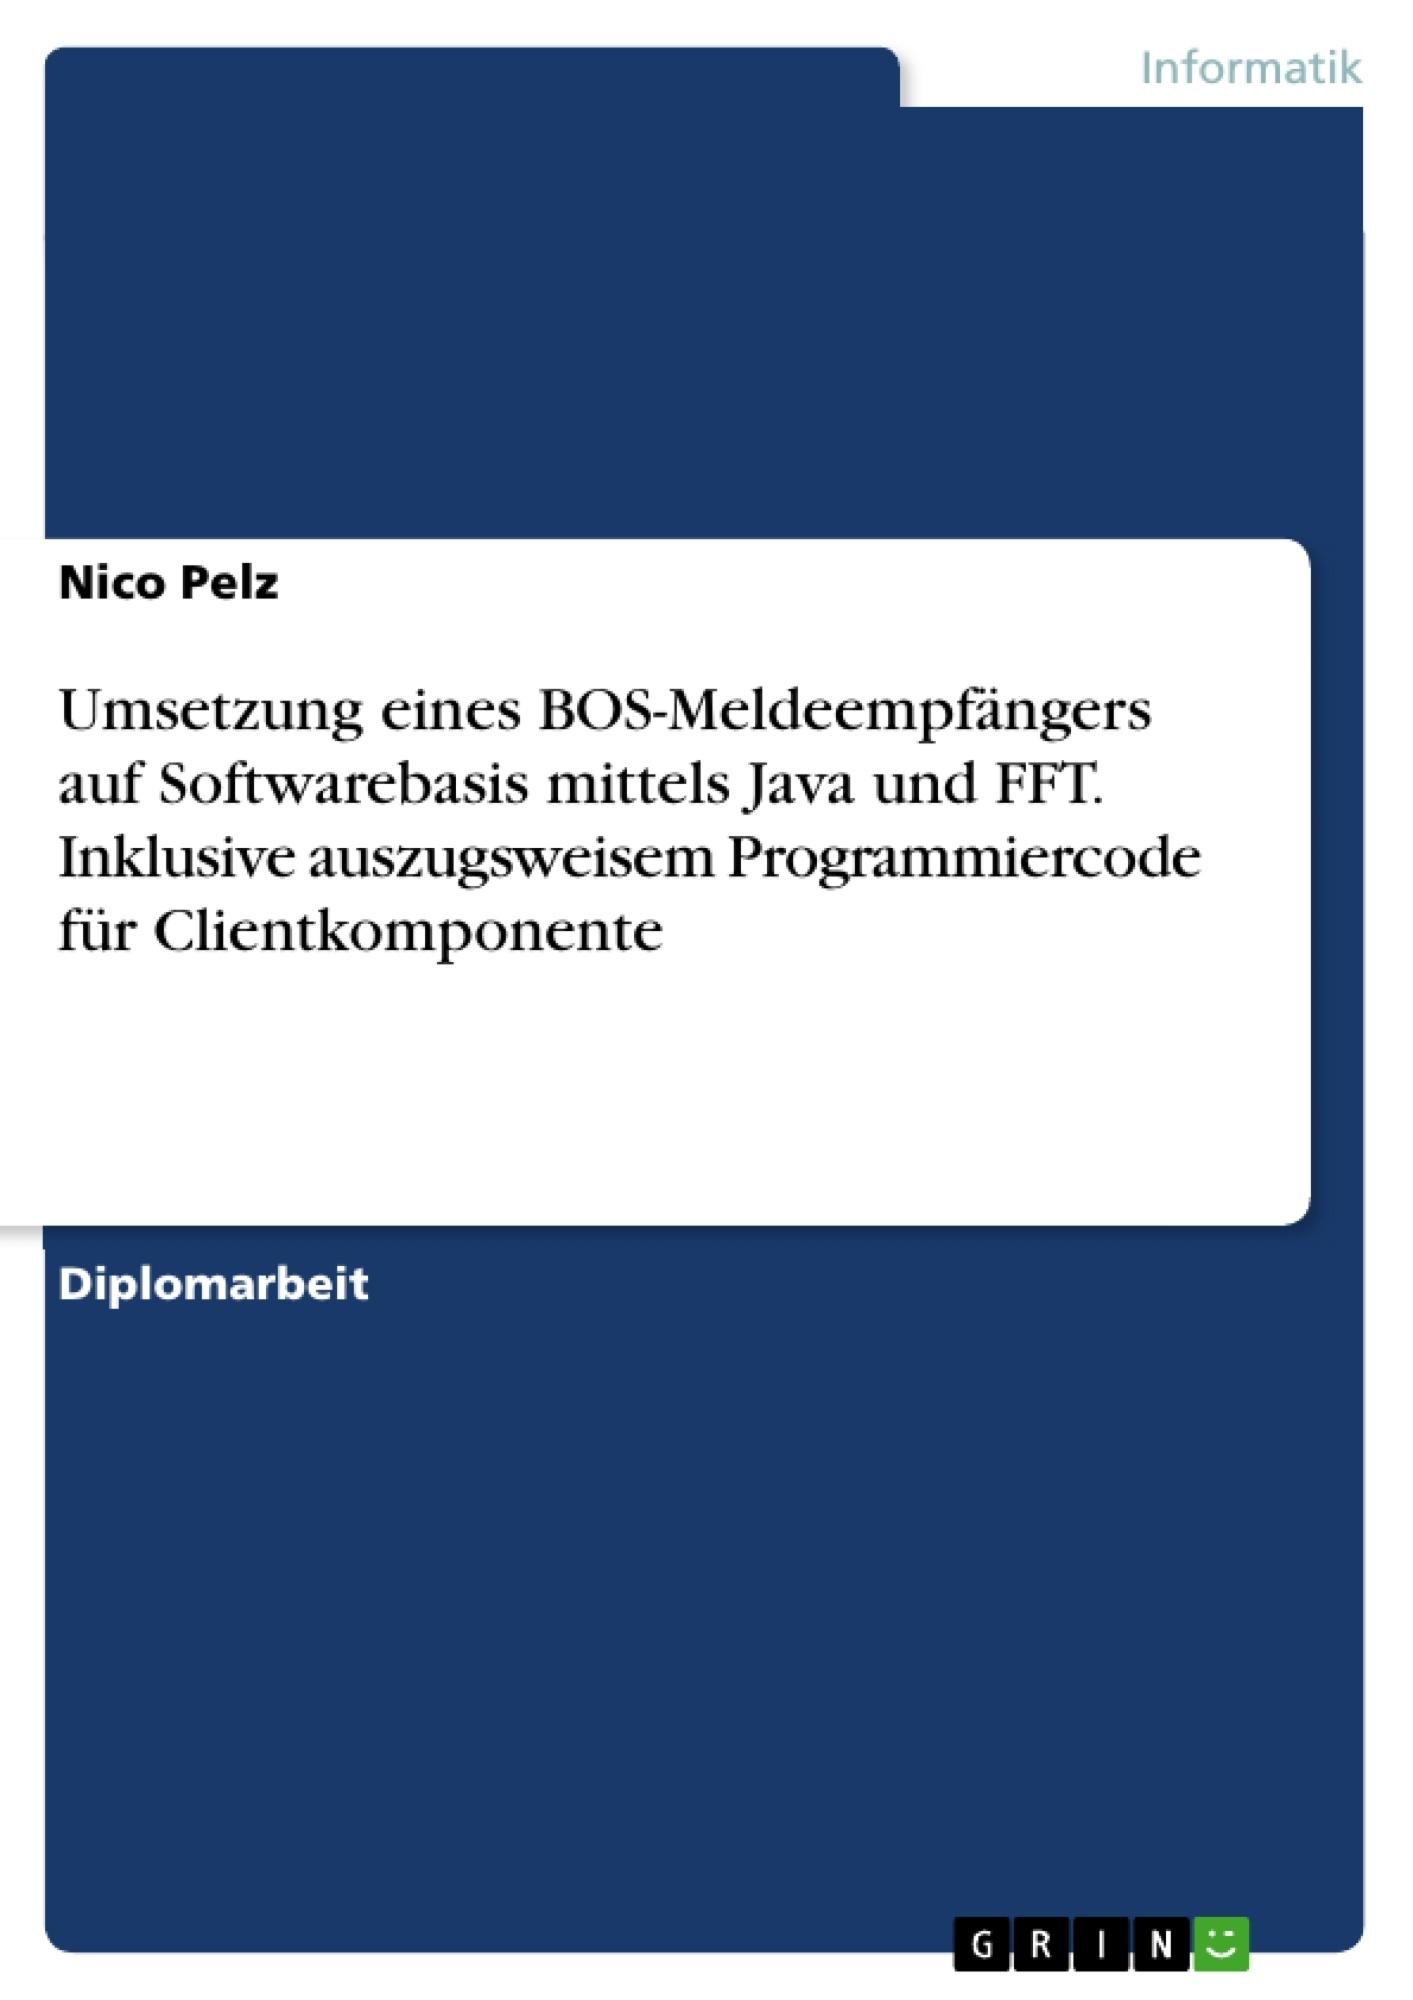 Titel: Umsetzung eines BOS-Meldeempfängers auf Softwarebasis mittels Java und FFT. Inklusive auszugsweisem Programmiercode für Clientkomponente